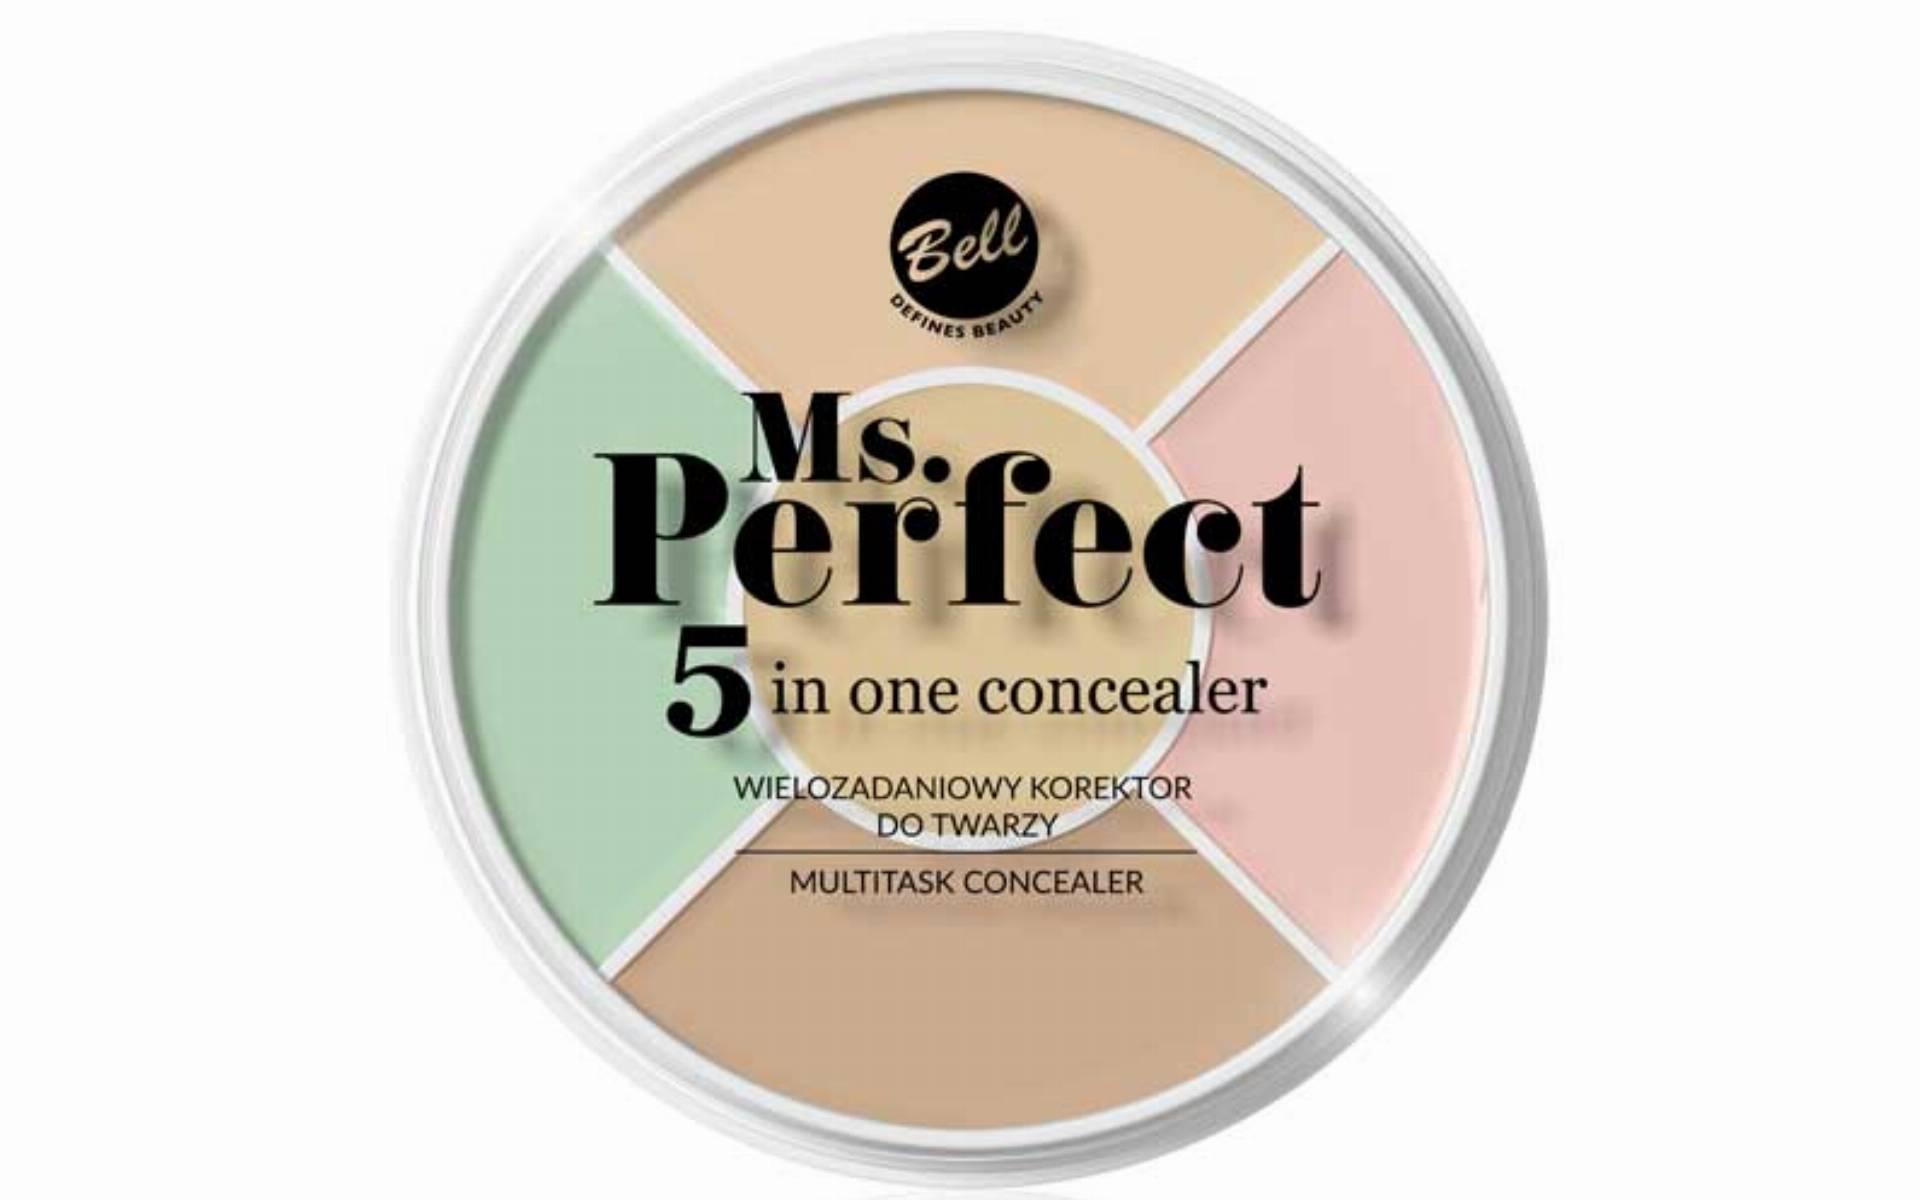 Ms. Perfect 5 in ONE Concealer - Wielozadaniowy korektor do twarzy